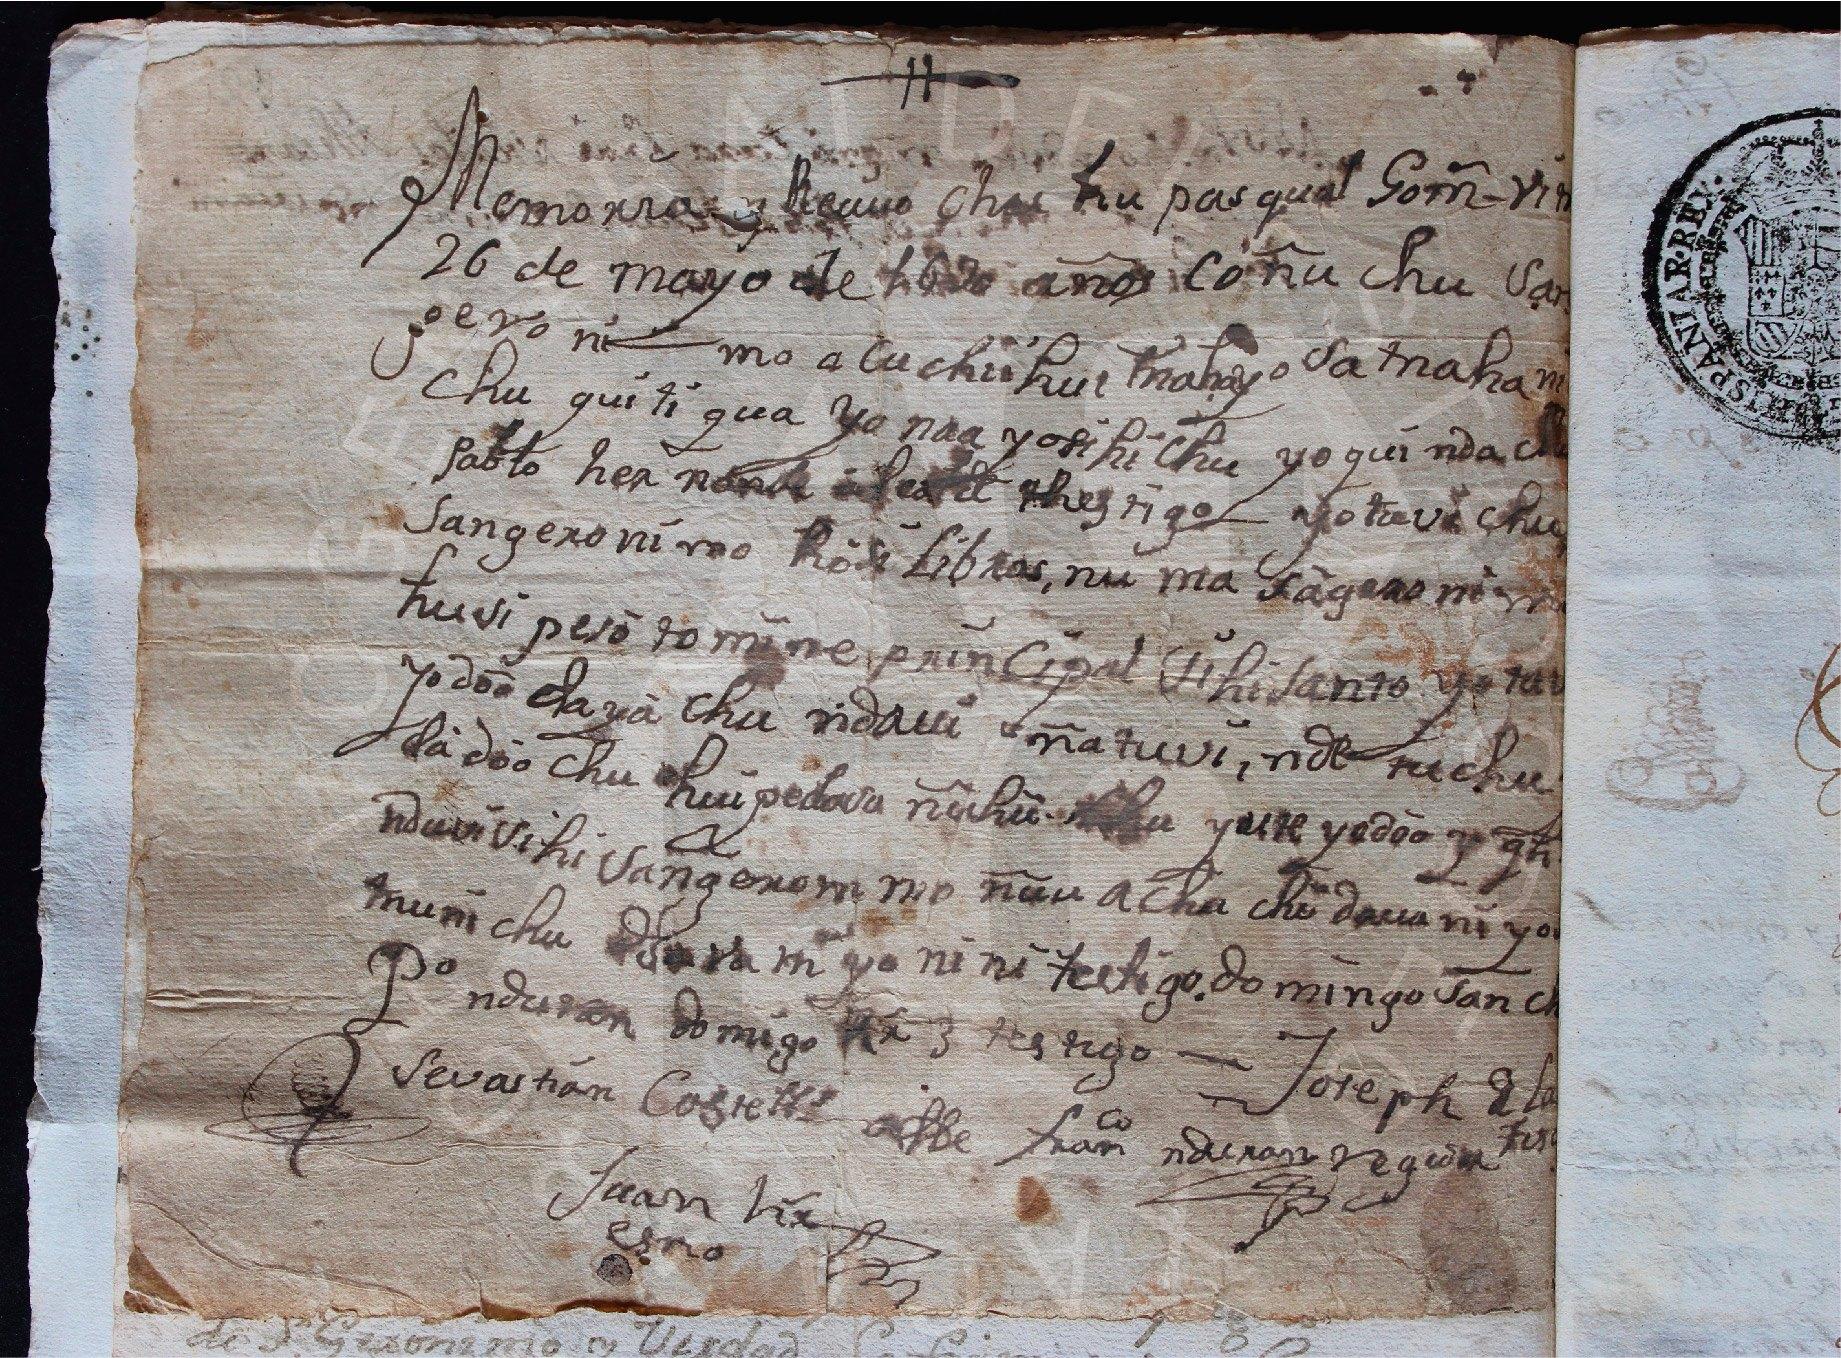 Lenguas mesoamericanas en juicios del siglo XVIII